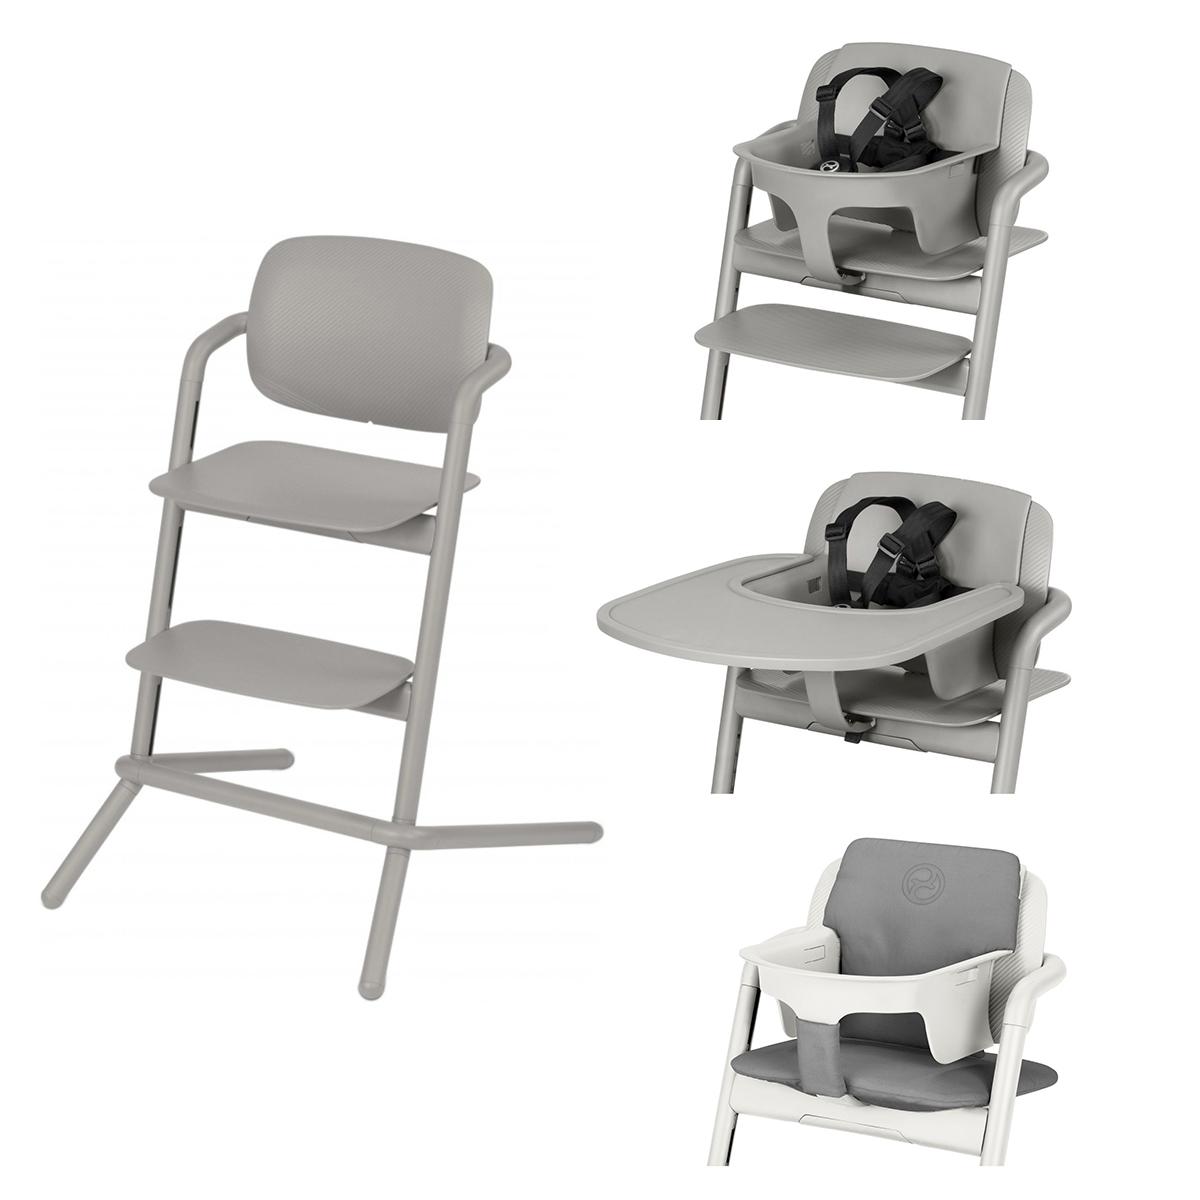 Chaise haute Chaise Haute Lemo Complète - Storm Grey Chaise Haute Lemo + Plateau pour Chaise Haute Lemo + Baby Set Lemo + Coussin Réducteur Lemo - Storm Grey